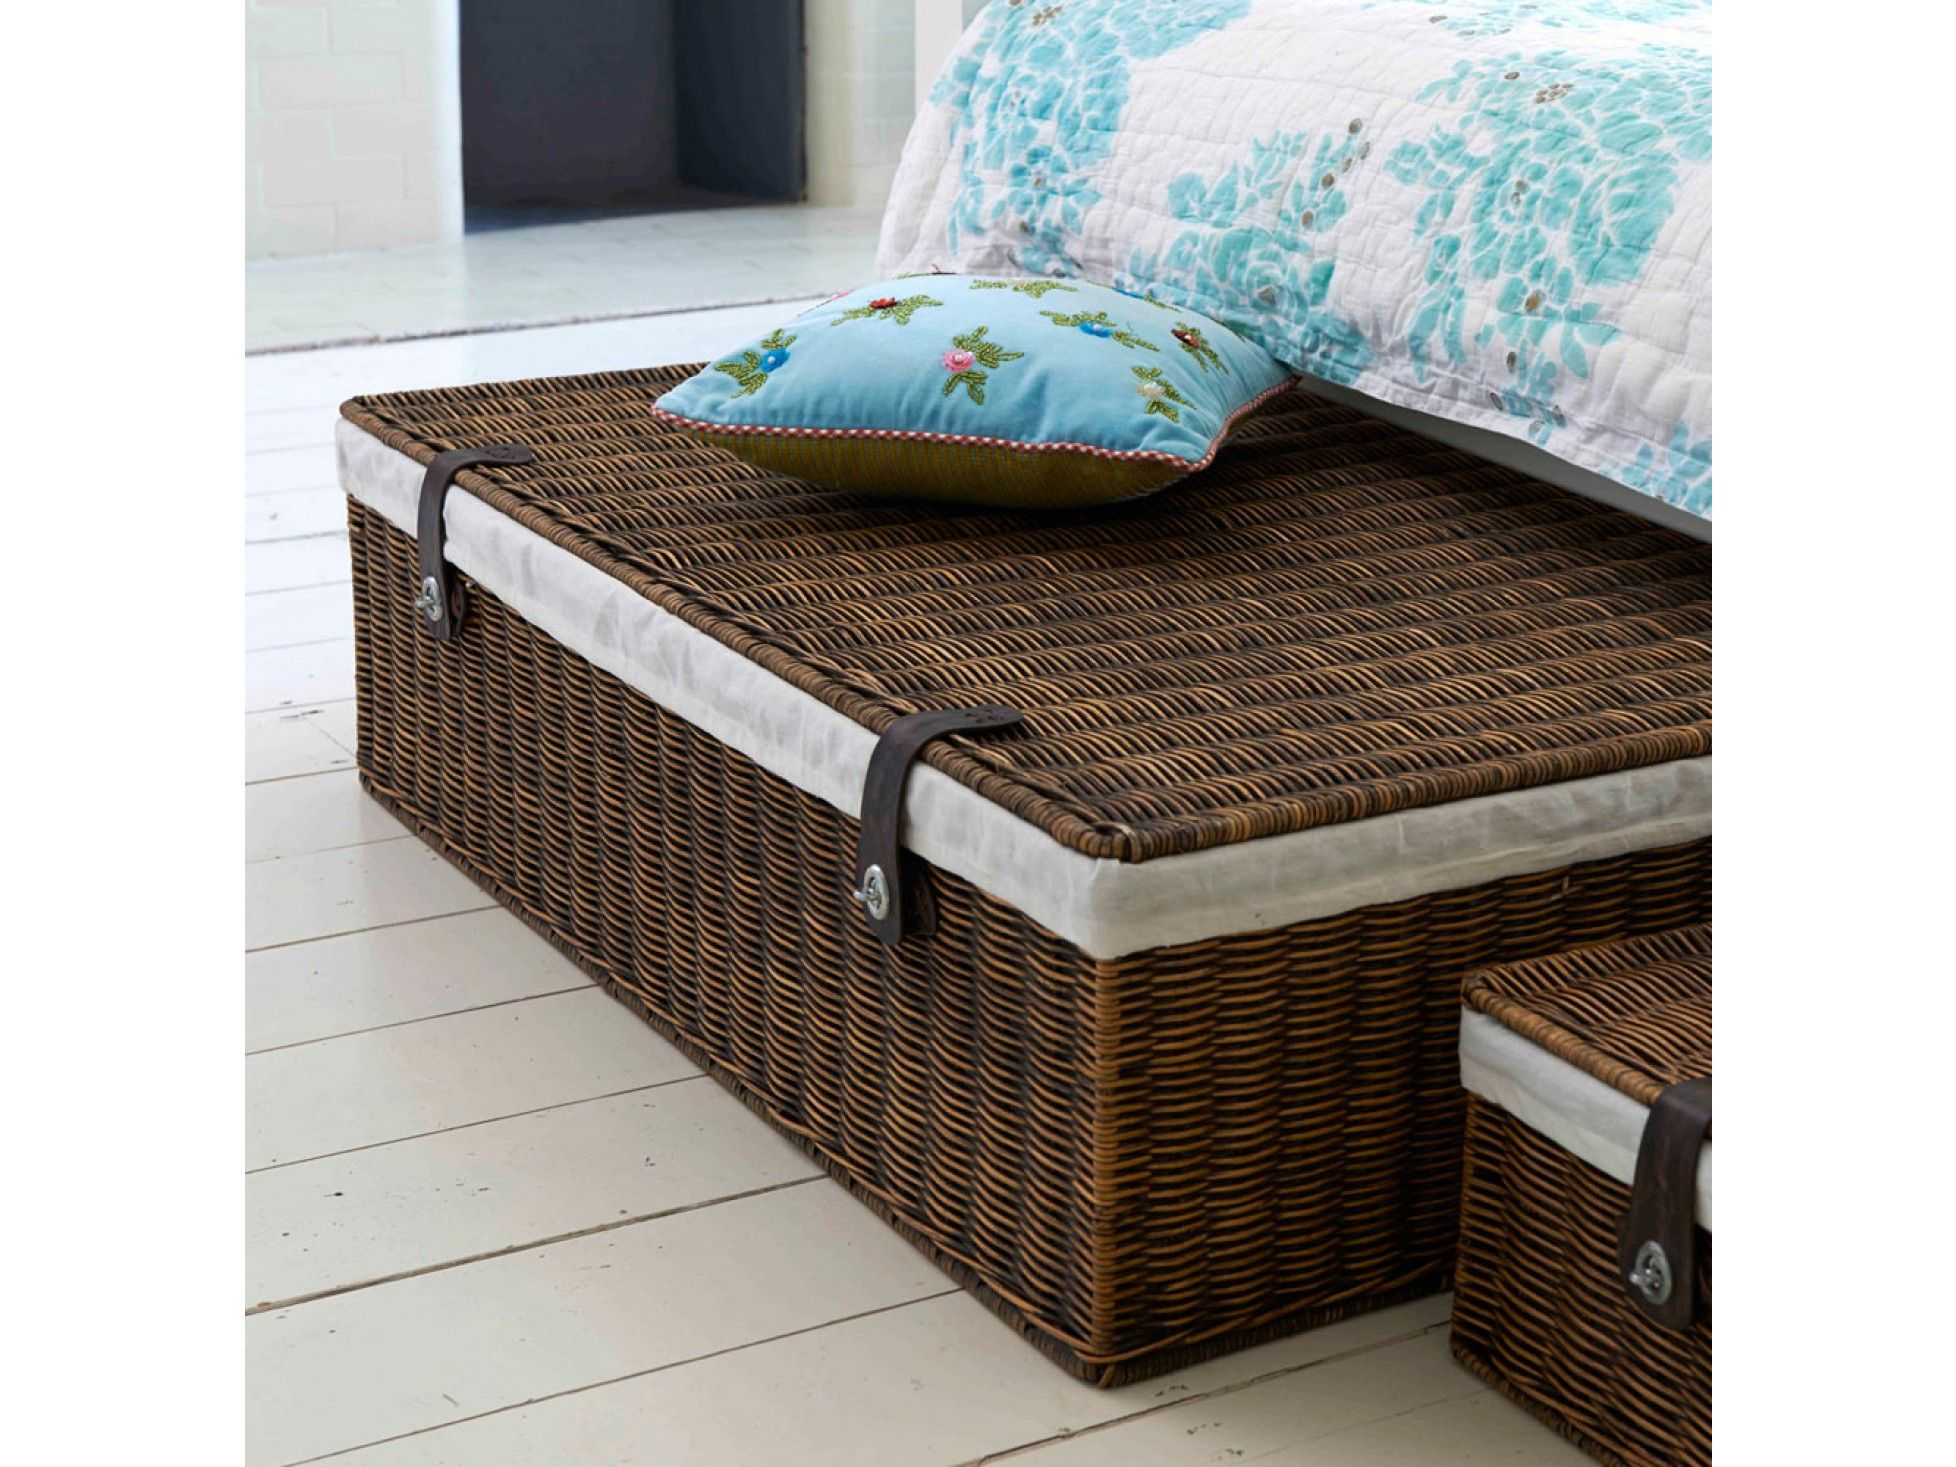 Underbed Storage Lined Rattan Basket Under bed storage